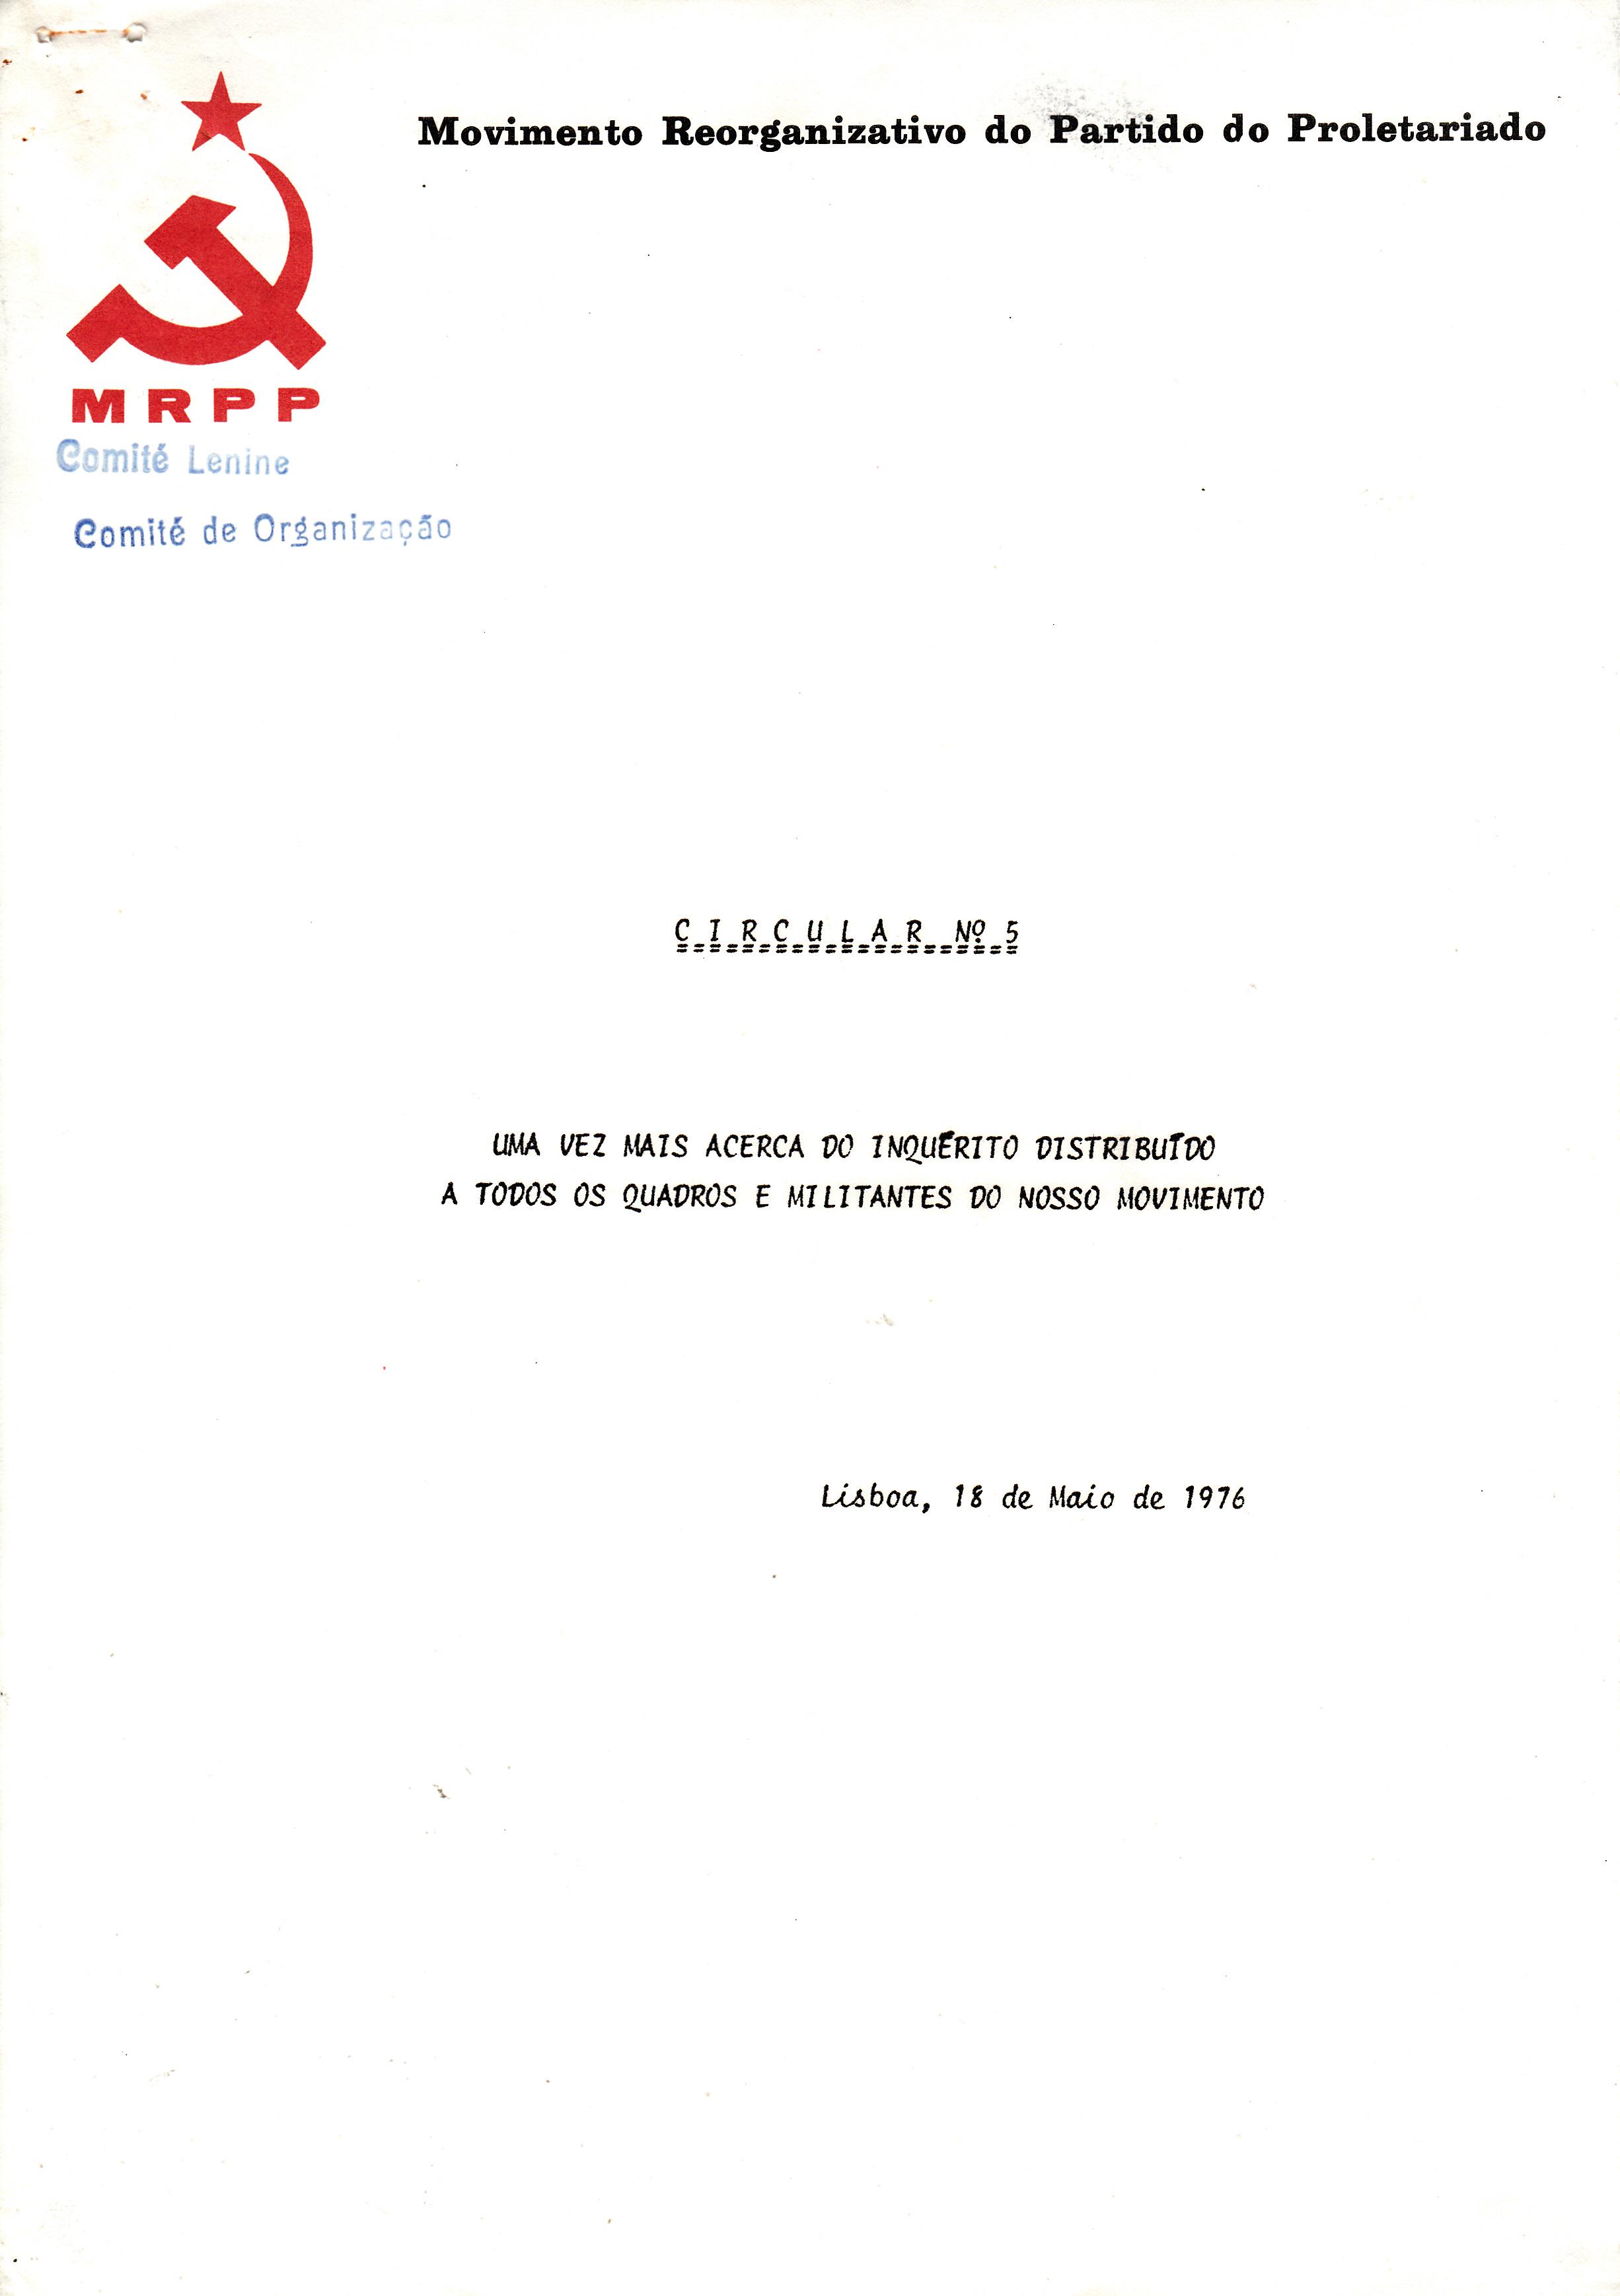 MRPP_1976_05_18